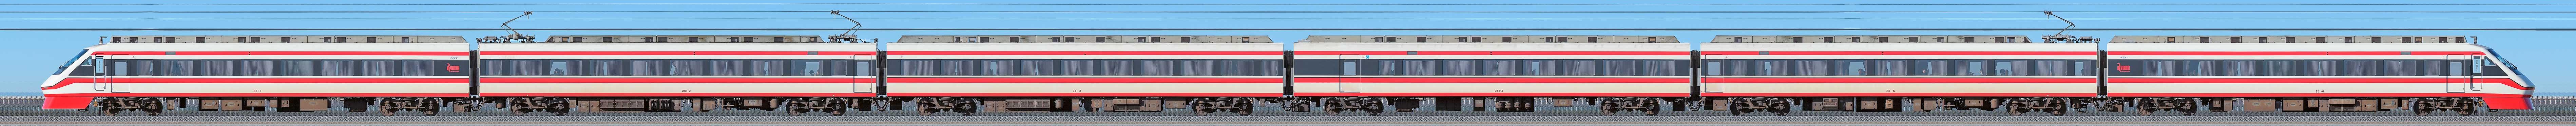 東武250型「りょうもう」251編成(海側)の編成サイドビュー